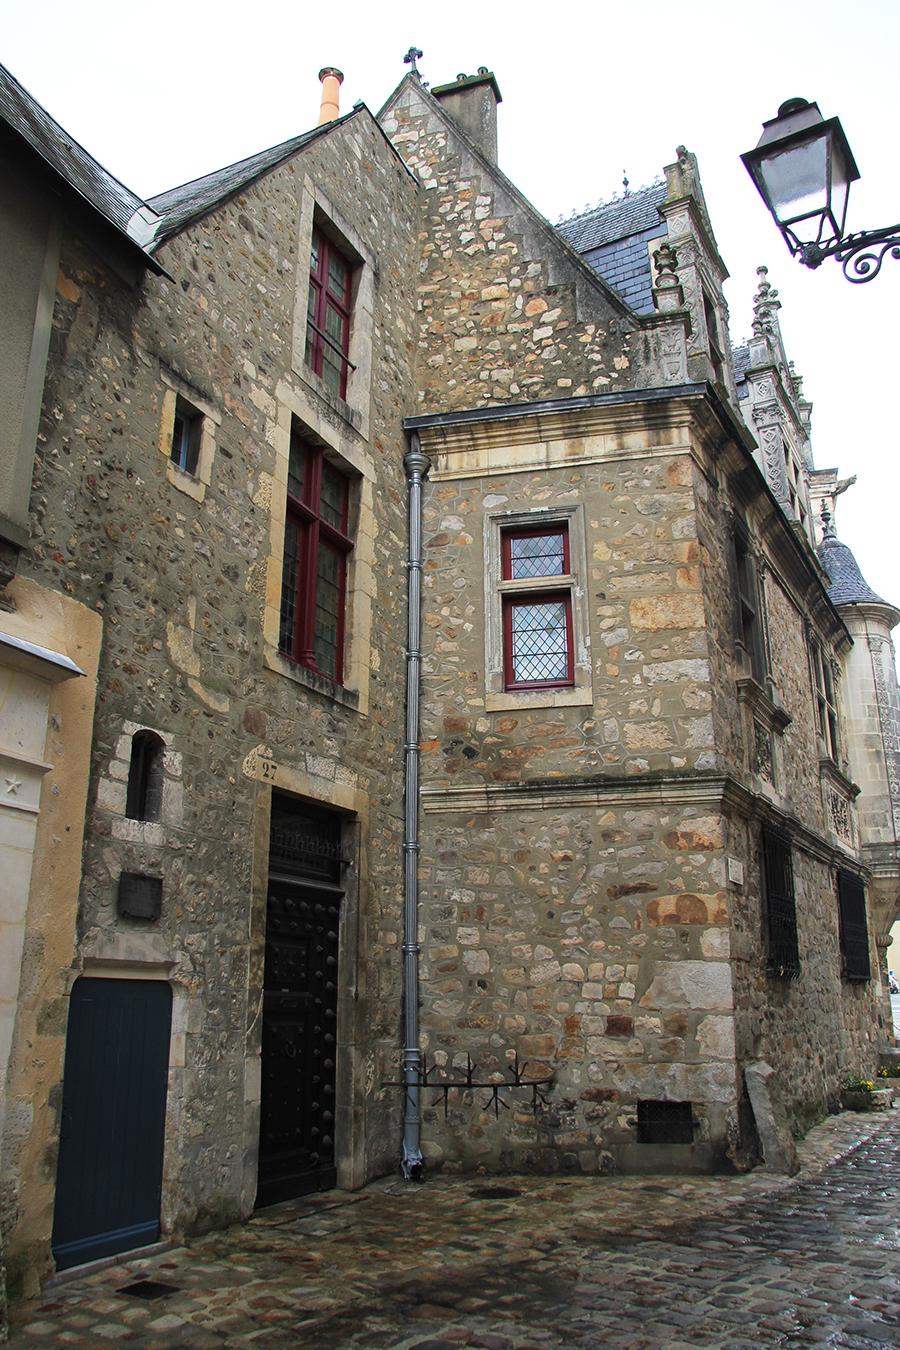 Le Vieux Mans en 2017 - Rue des Chanoines - Maison à la tourelle ou Maison Saint Paul 03 (Sylvie Leveau)